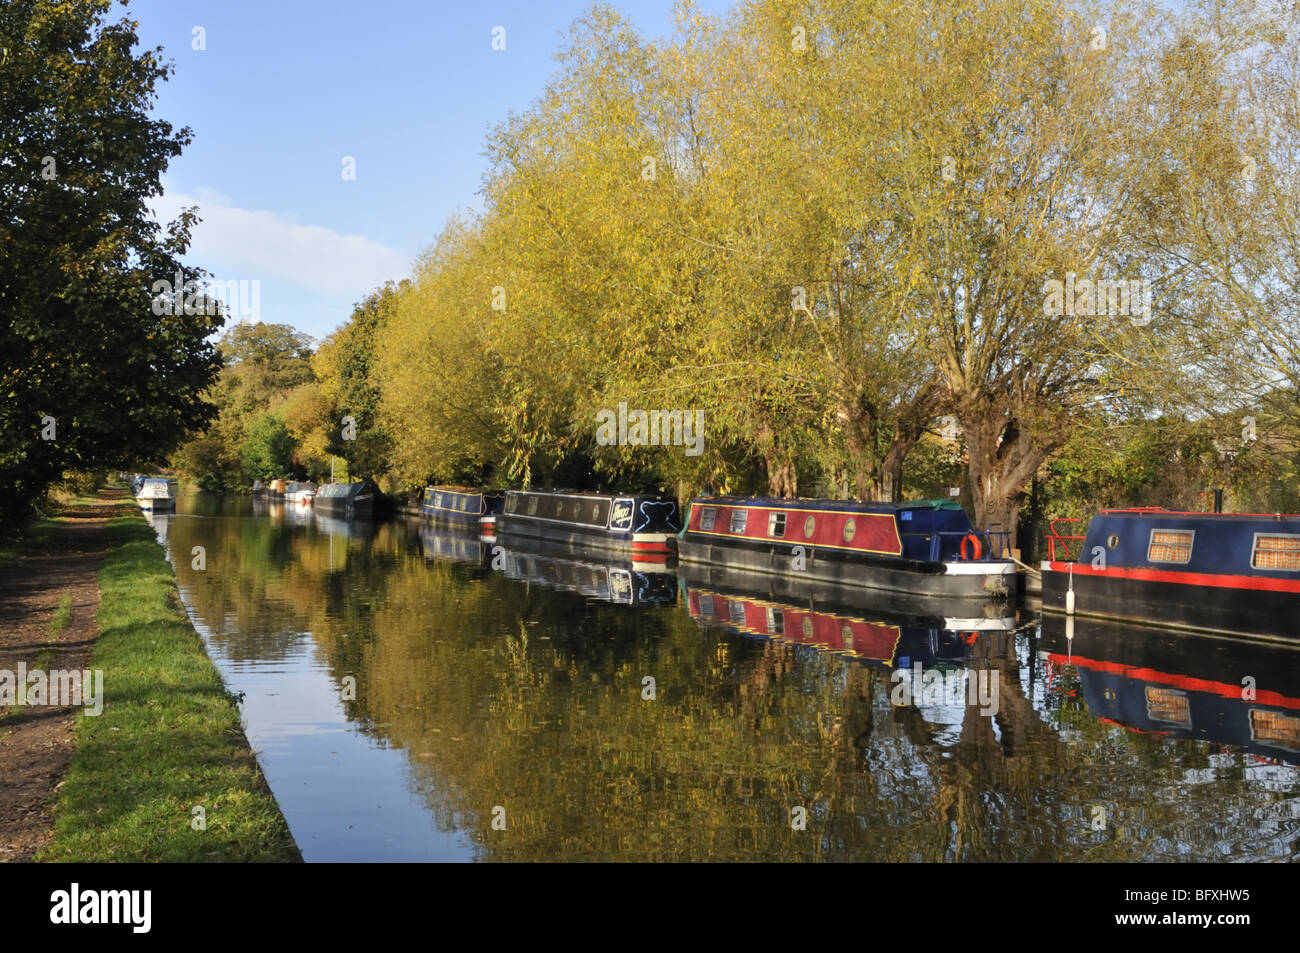 Scènes d'automne sur le Grand Union Canal dans le Hertfordshire, Royaume-Uni. Photo Stock